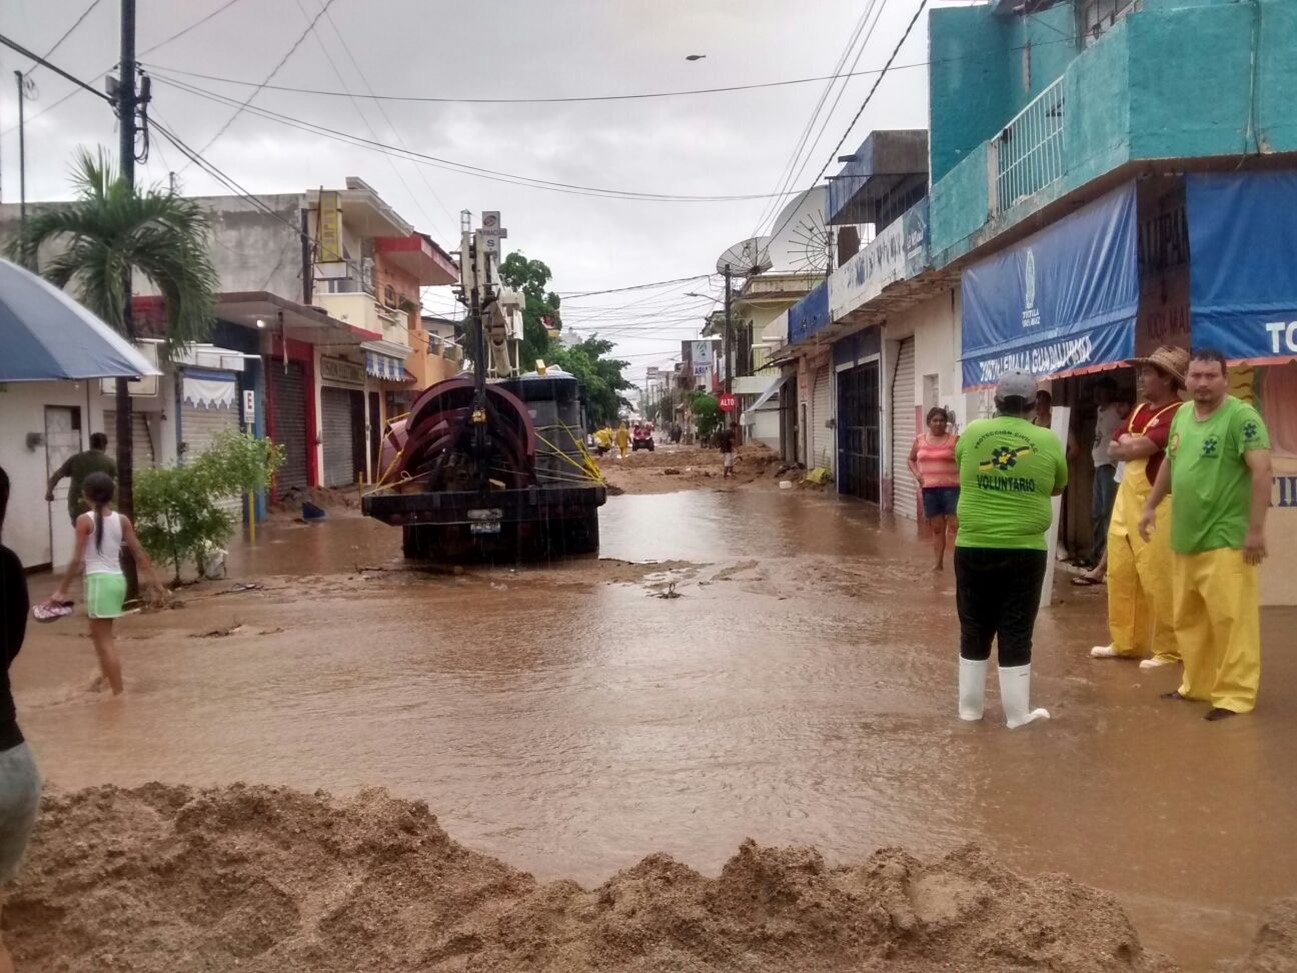 La SCT ayuda a las comunidades afectadas por las intensas lluvias en Jalisco y Colima